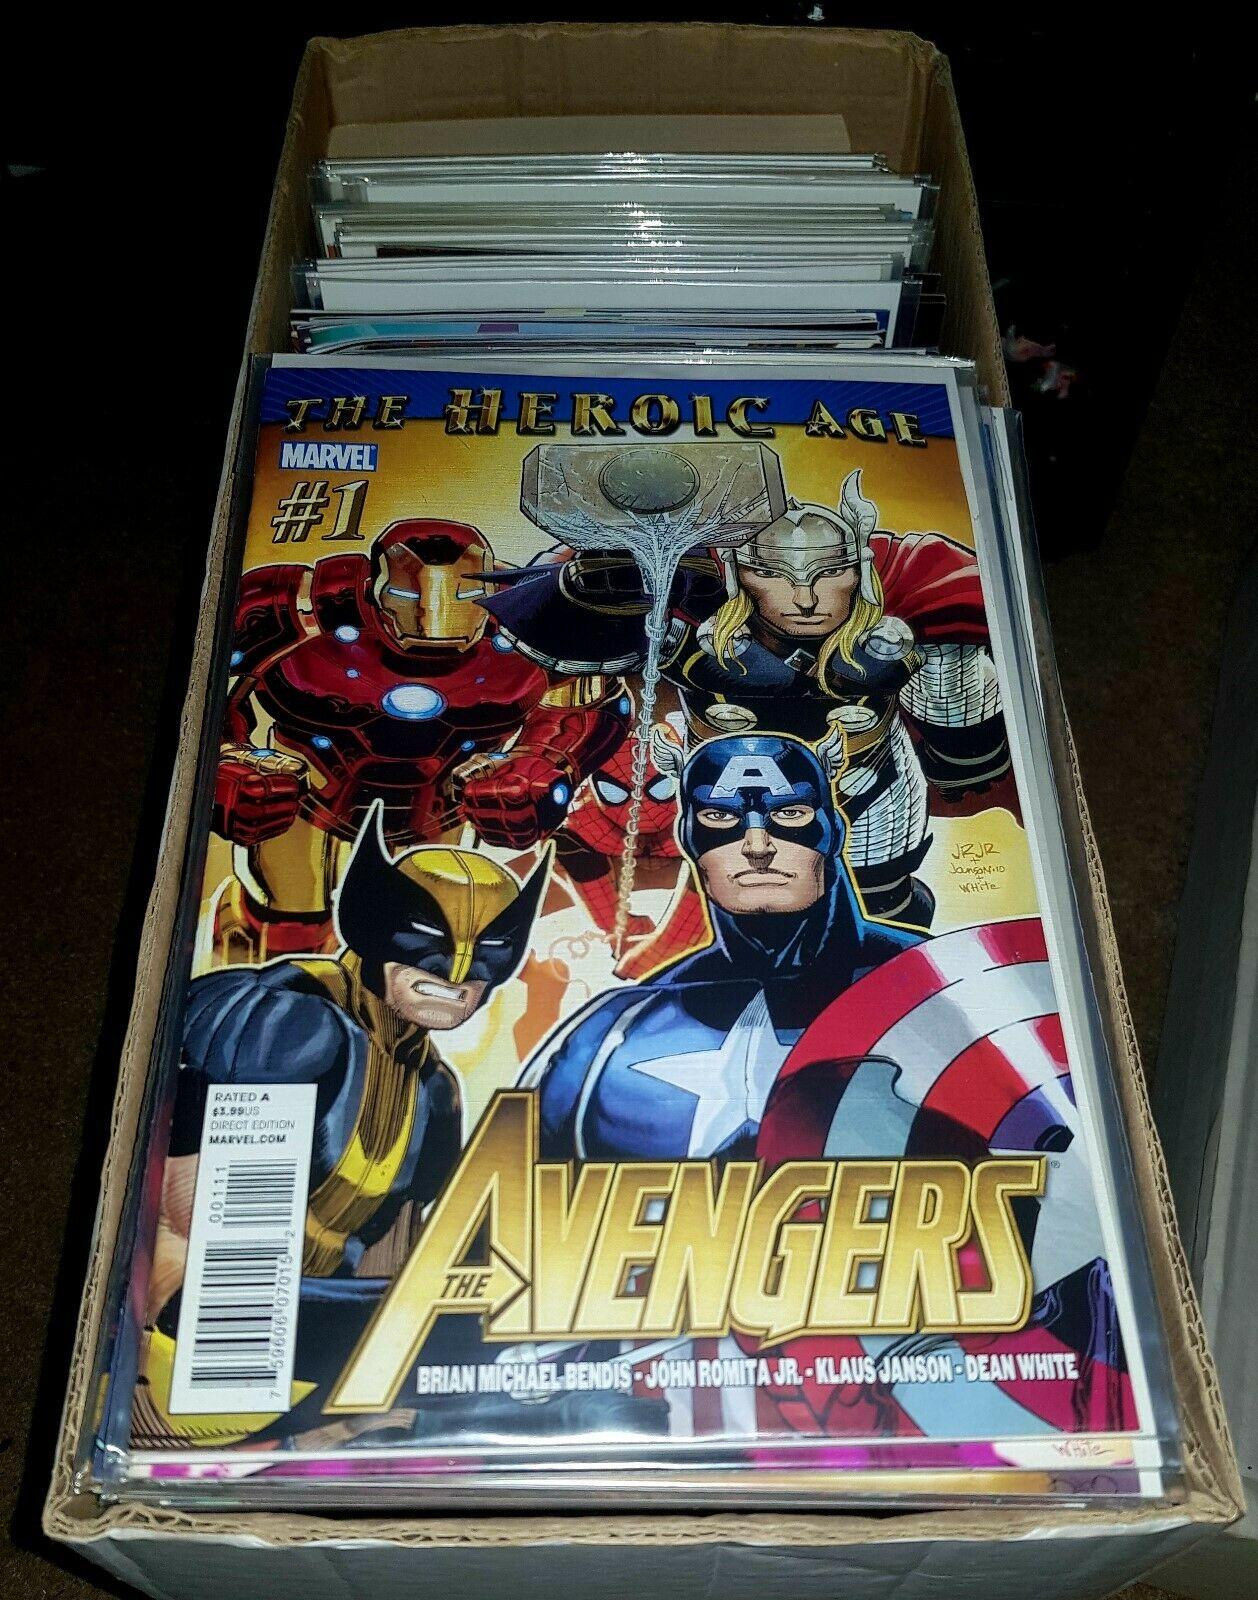 Avengers, Avengers Academy, Avengers Arena, Secret Avengers